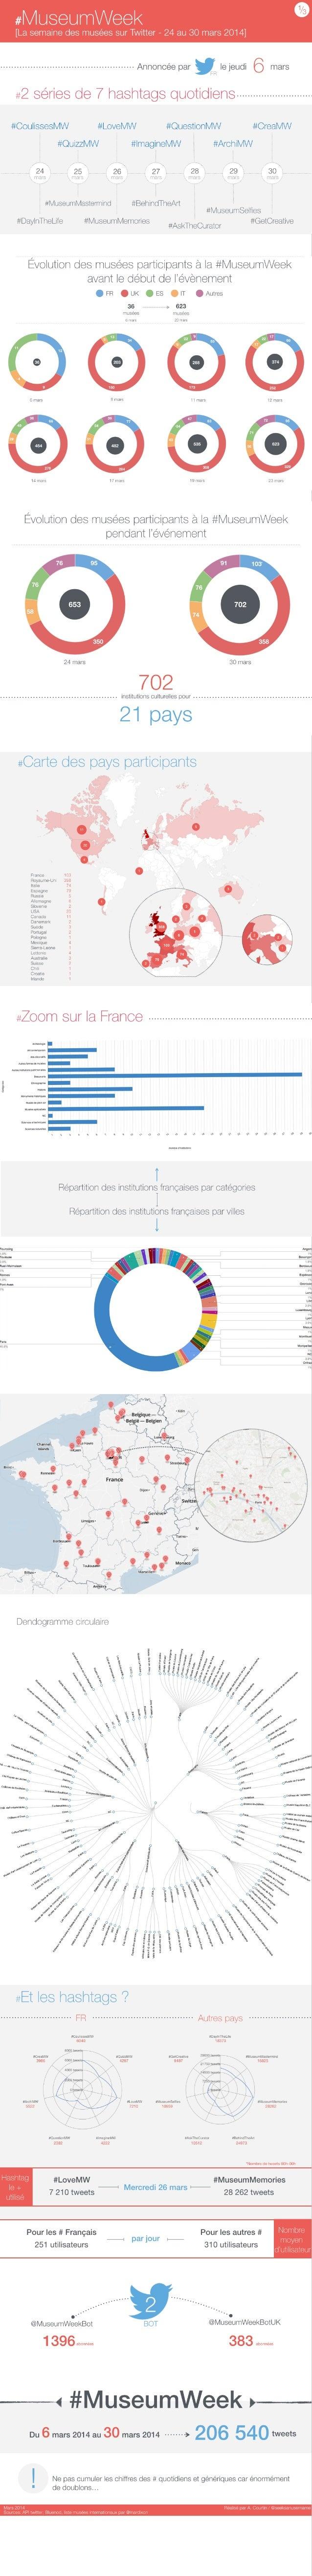 MuseumWeek2014: 1er infographie